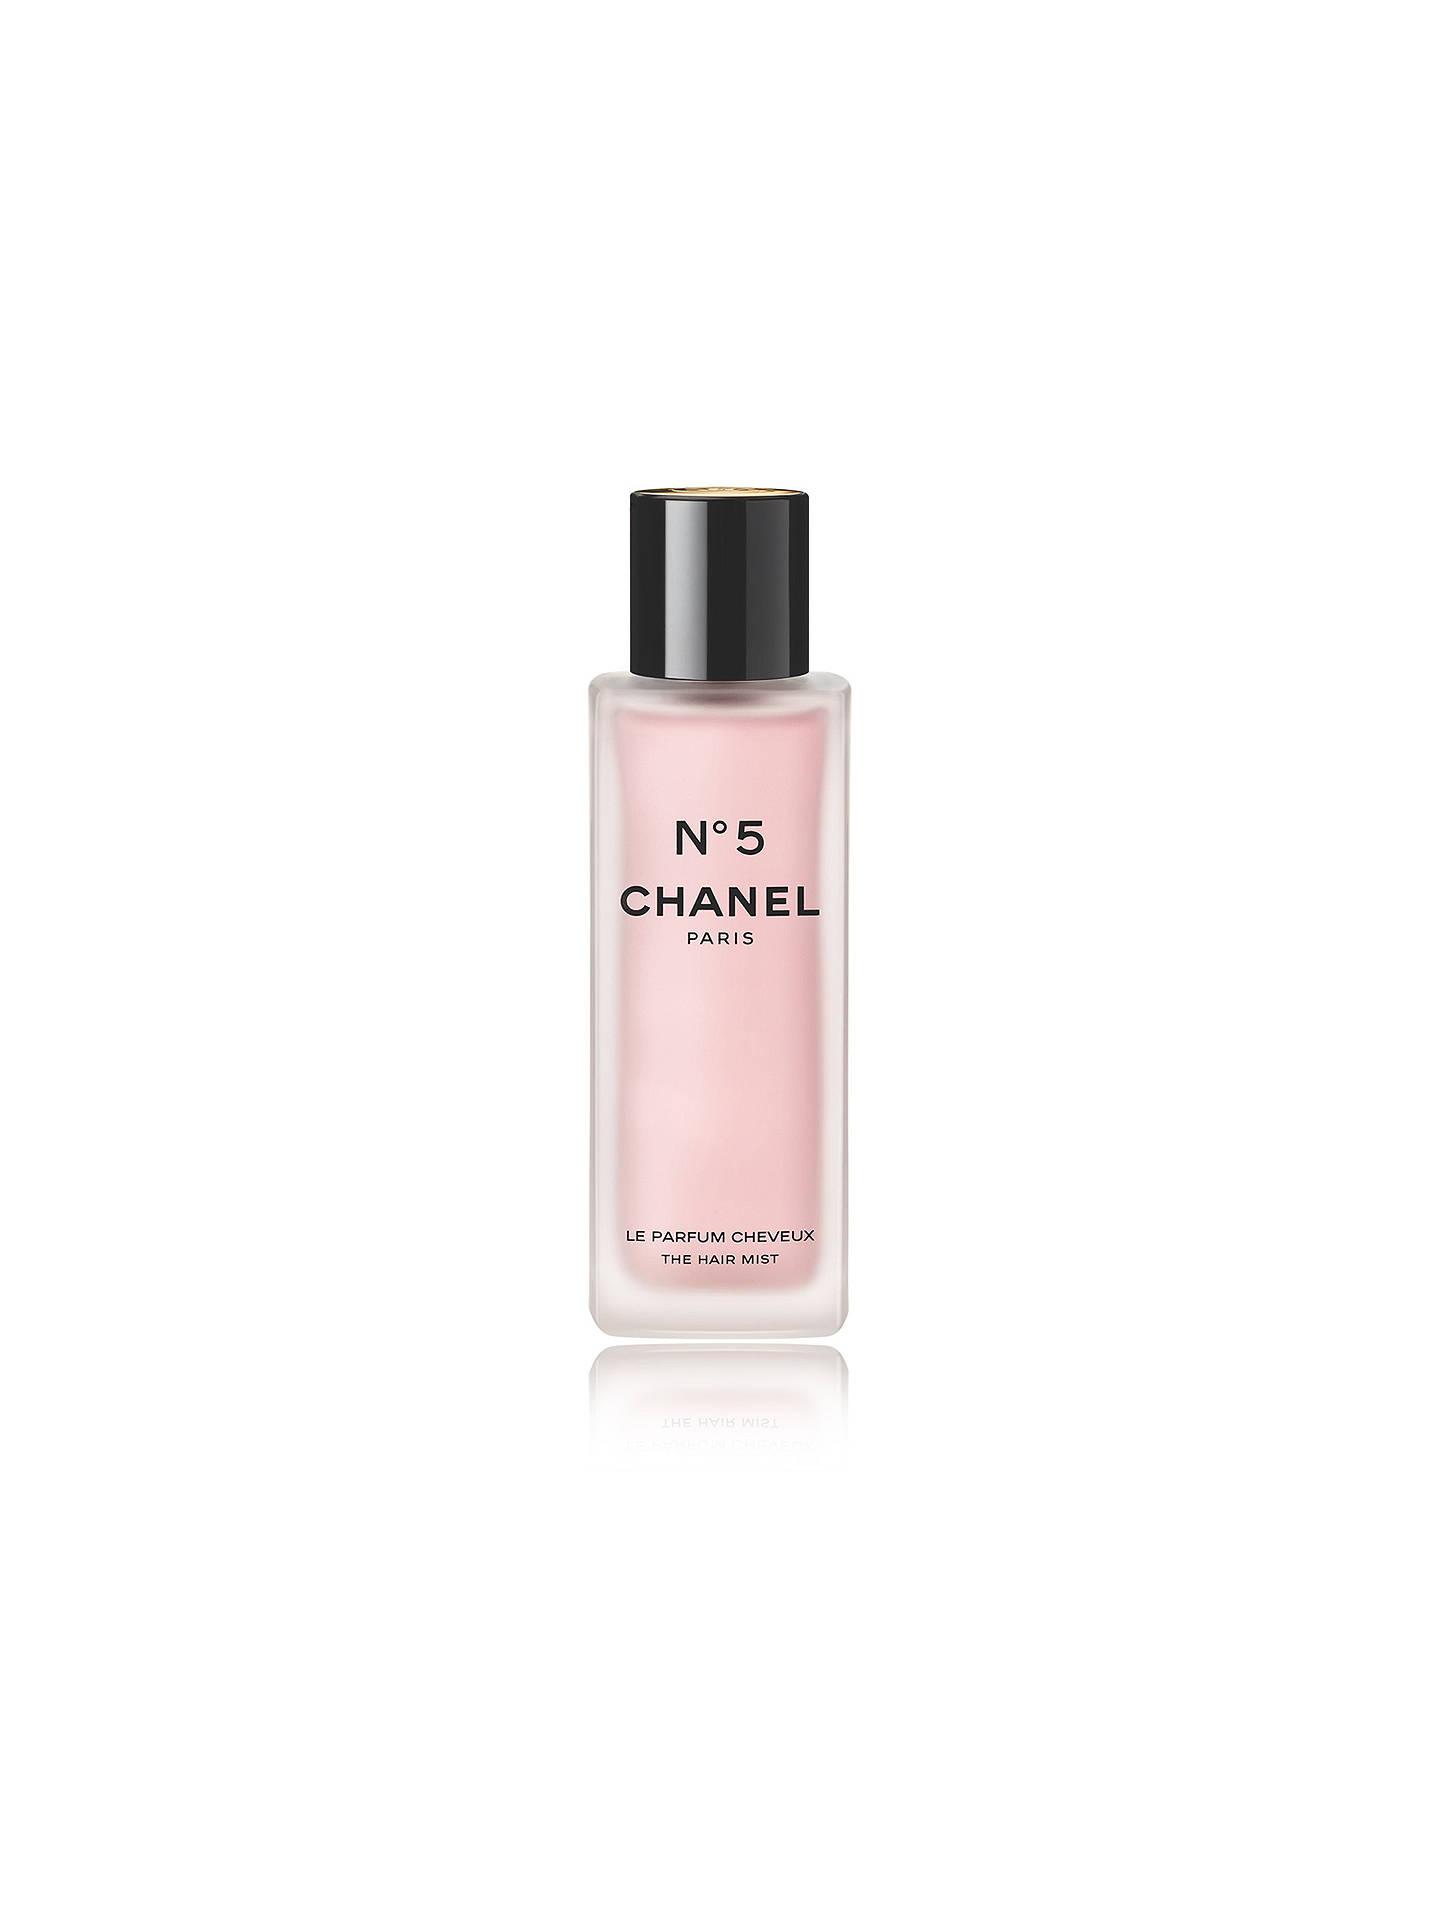 7e8da23b618 CHANEL CHANCE Eau de Parfum at John Lewis CHANEL N°5 The Hair Mist at John  Lewis   Partners